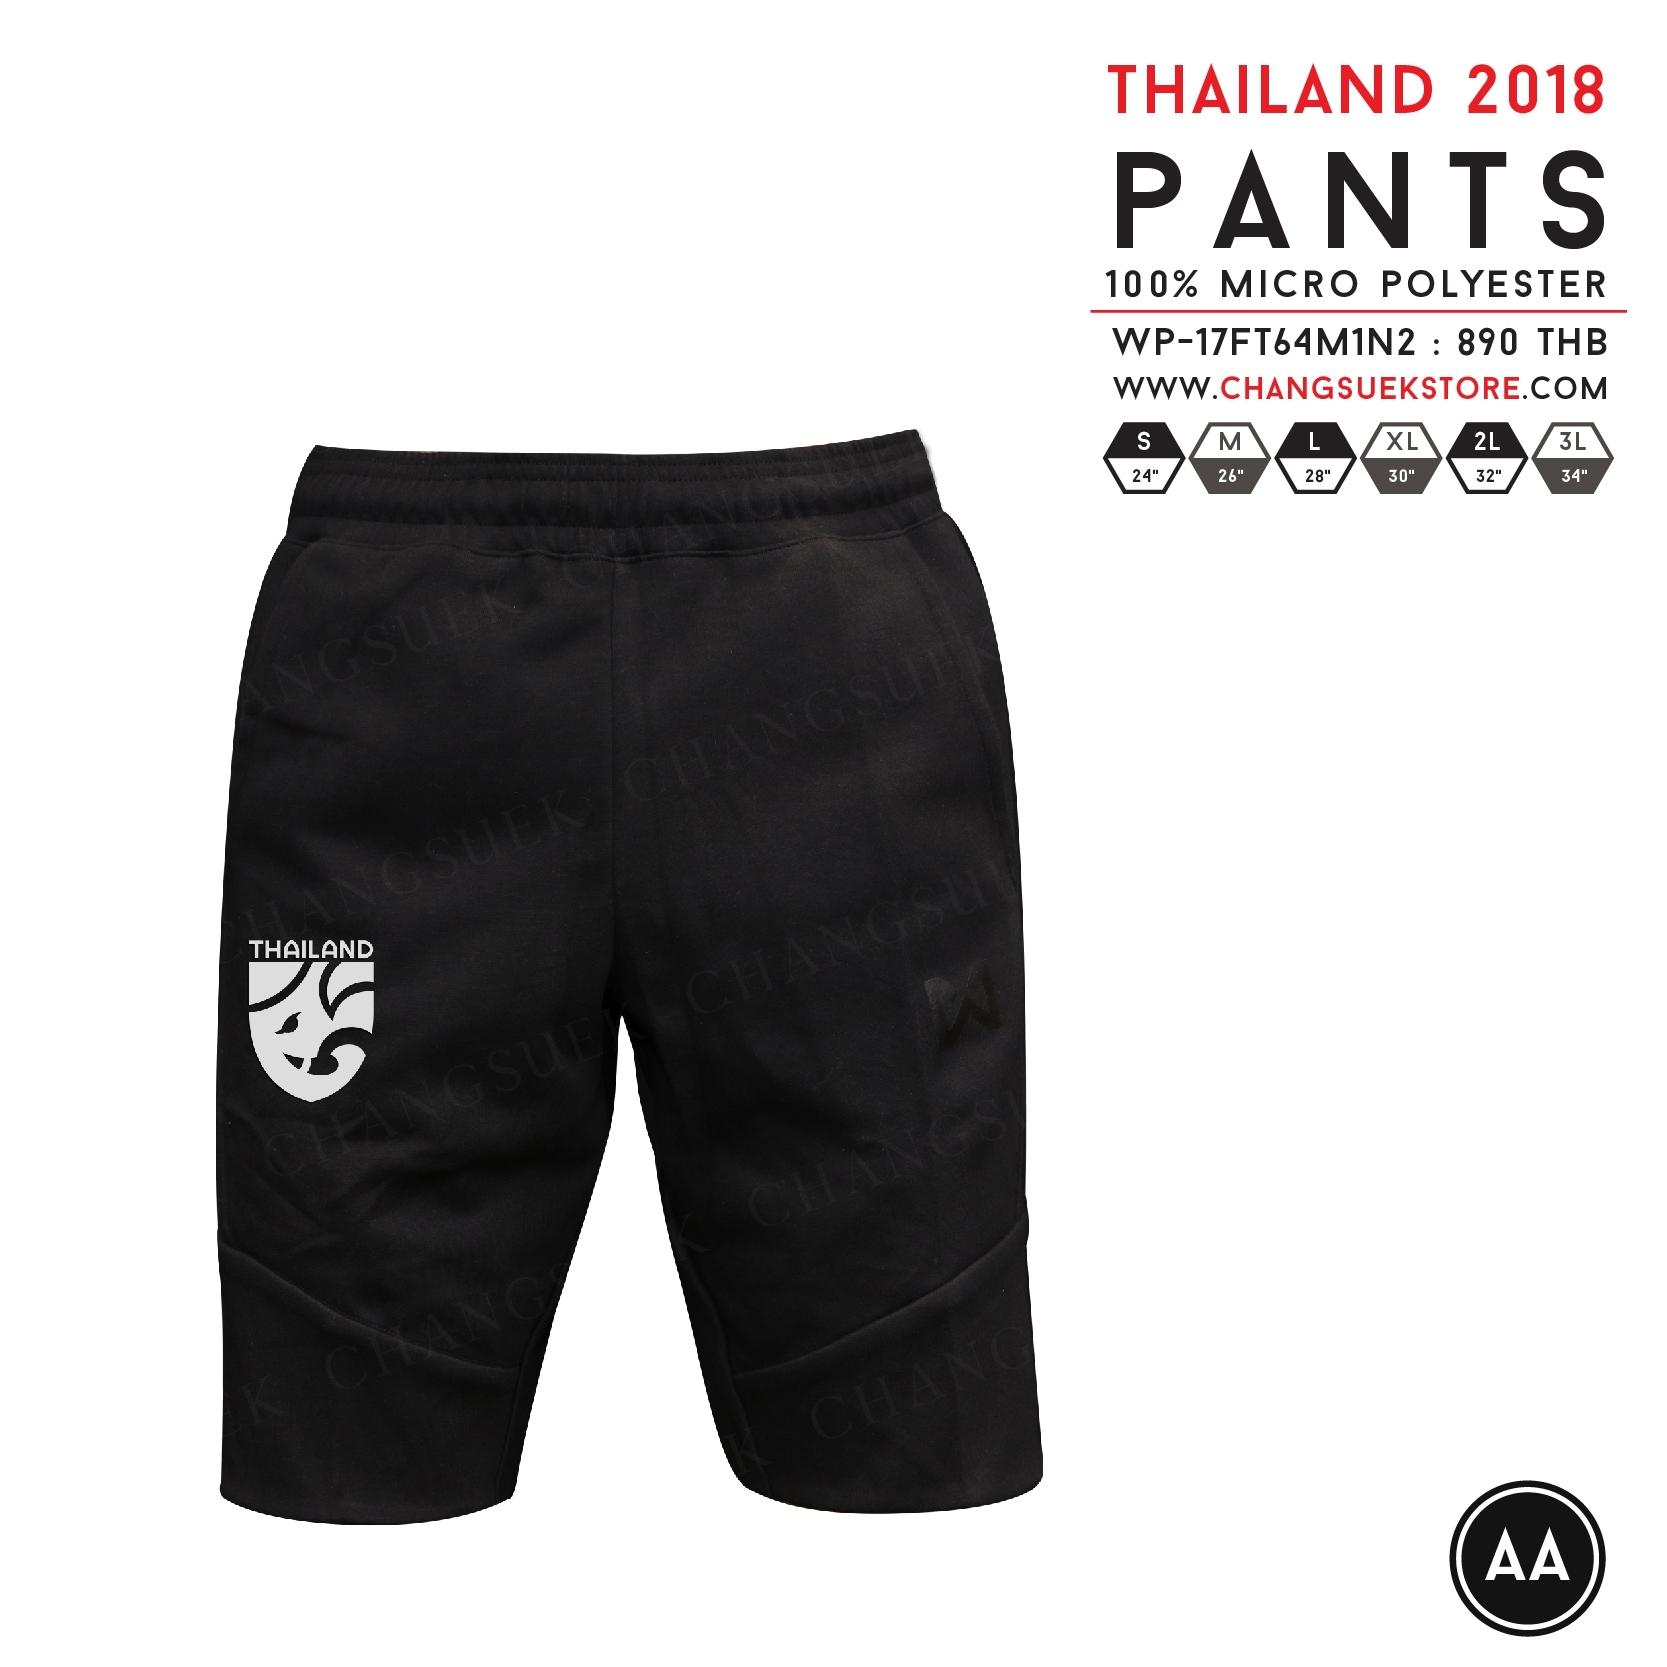 กางเกงลำลองขาสั้น ทีมชาติไทย สีเทา WP-17FT64M1N2